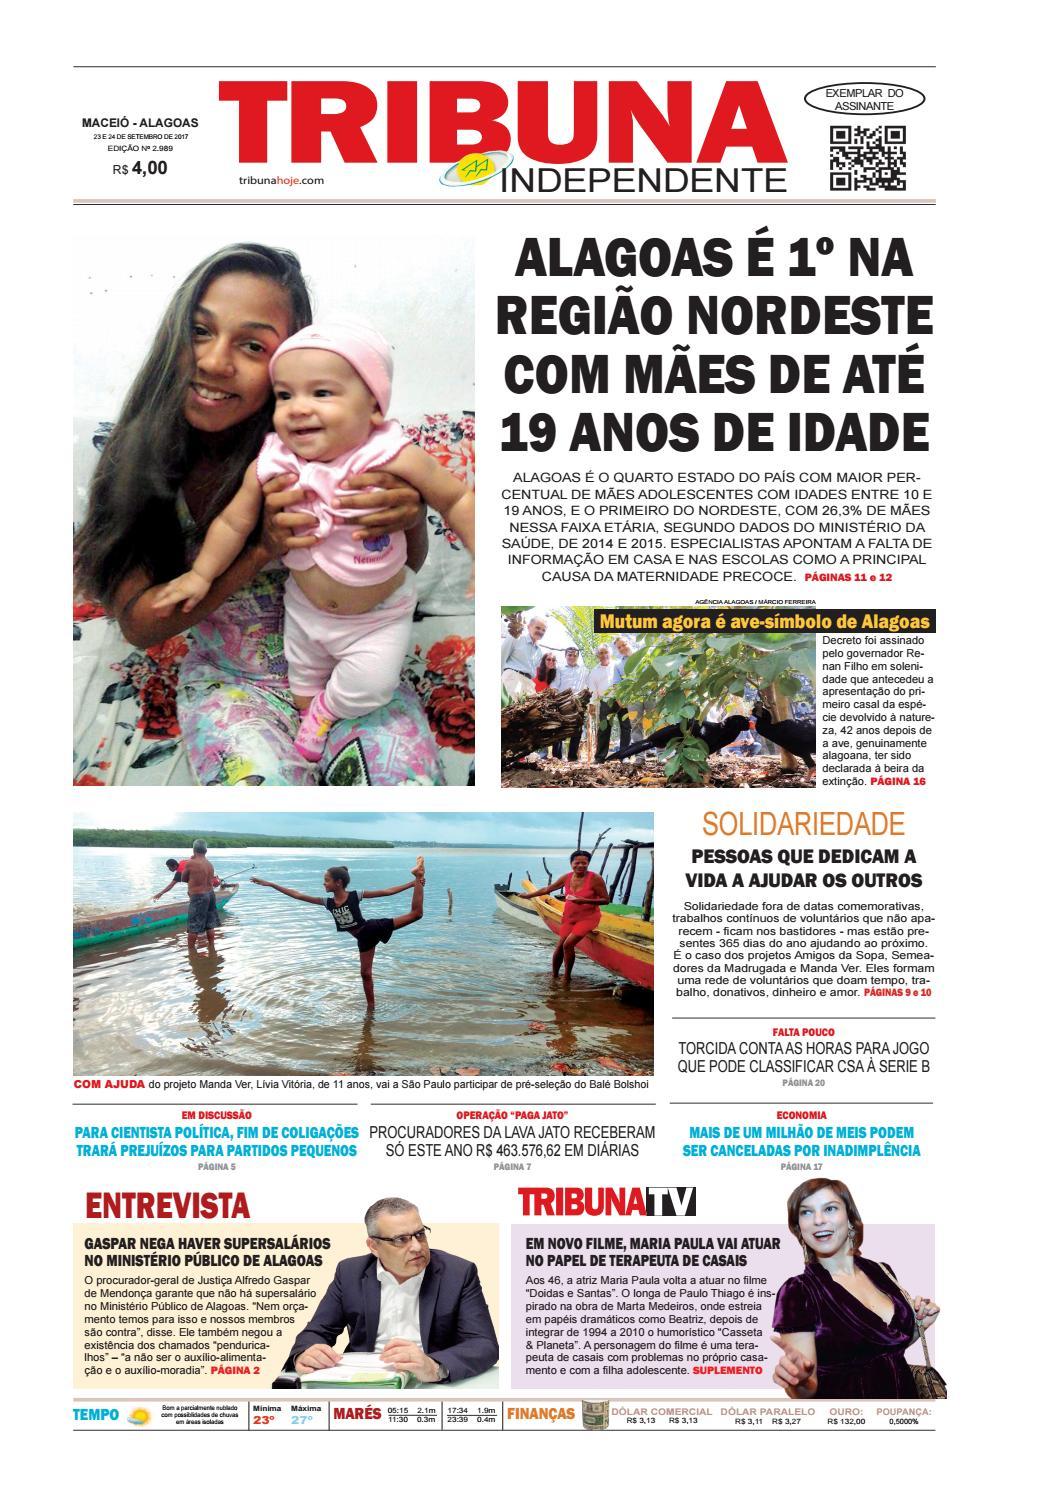 b5c44de752 Edição número 2989 - 23 e 24 de setembro de 2017 by Tribuna Hoje - issuu